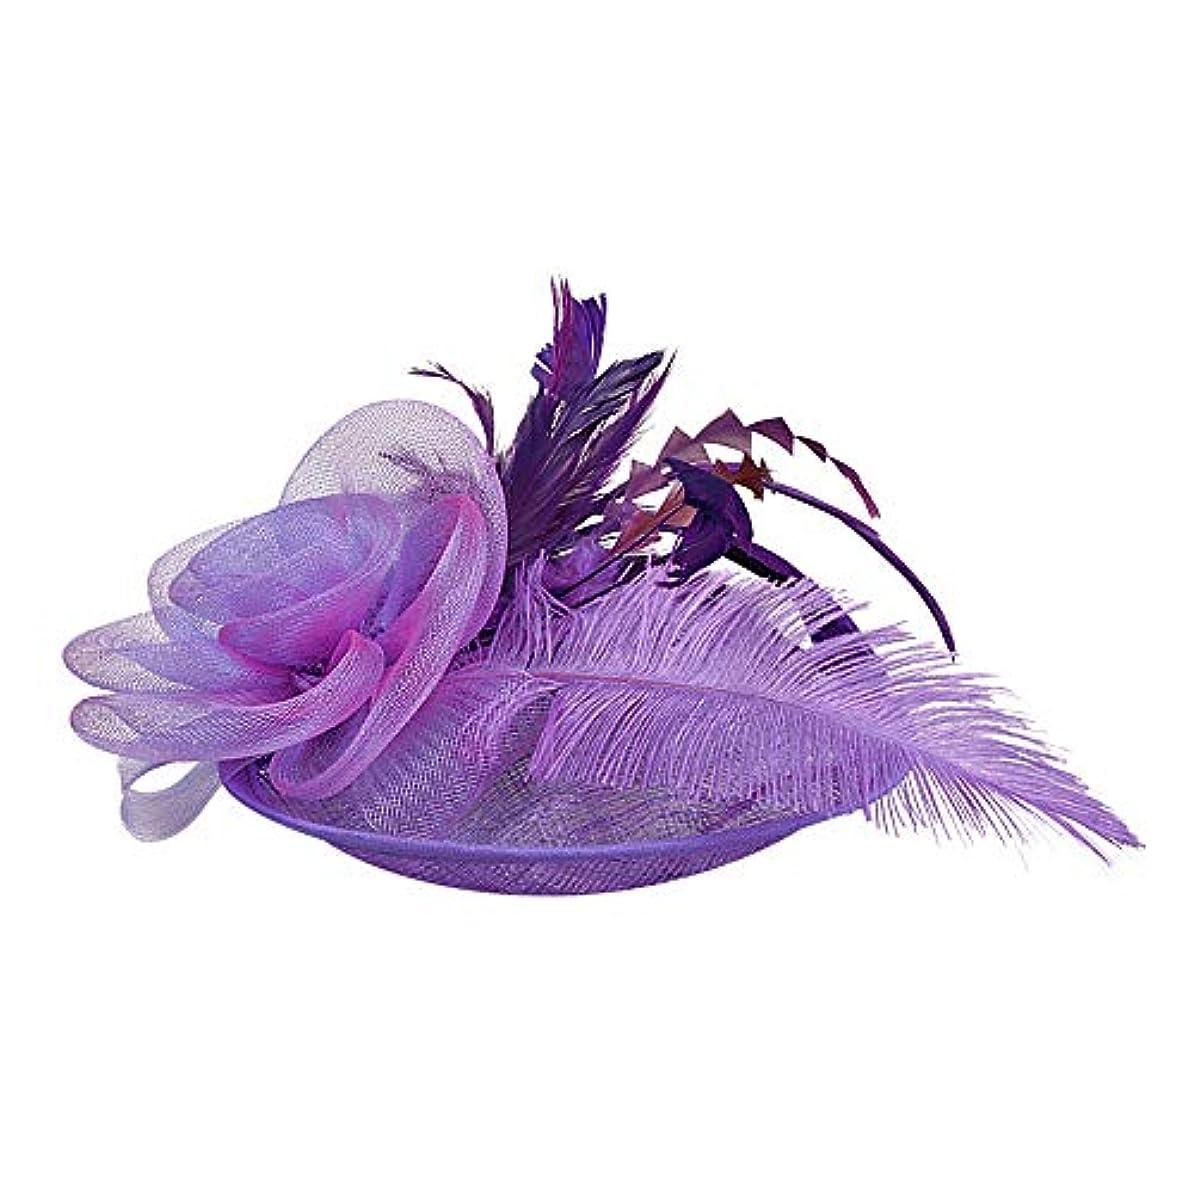 矢じりレクリエーション指導するMerssavo 英国スタイルのブライダル帽子、女性のエレガントな花の羽のベールの帽子ヴィンテージリネンティアラヘアアクセサリードレス帽子、1#